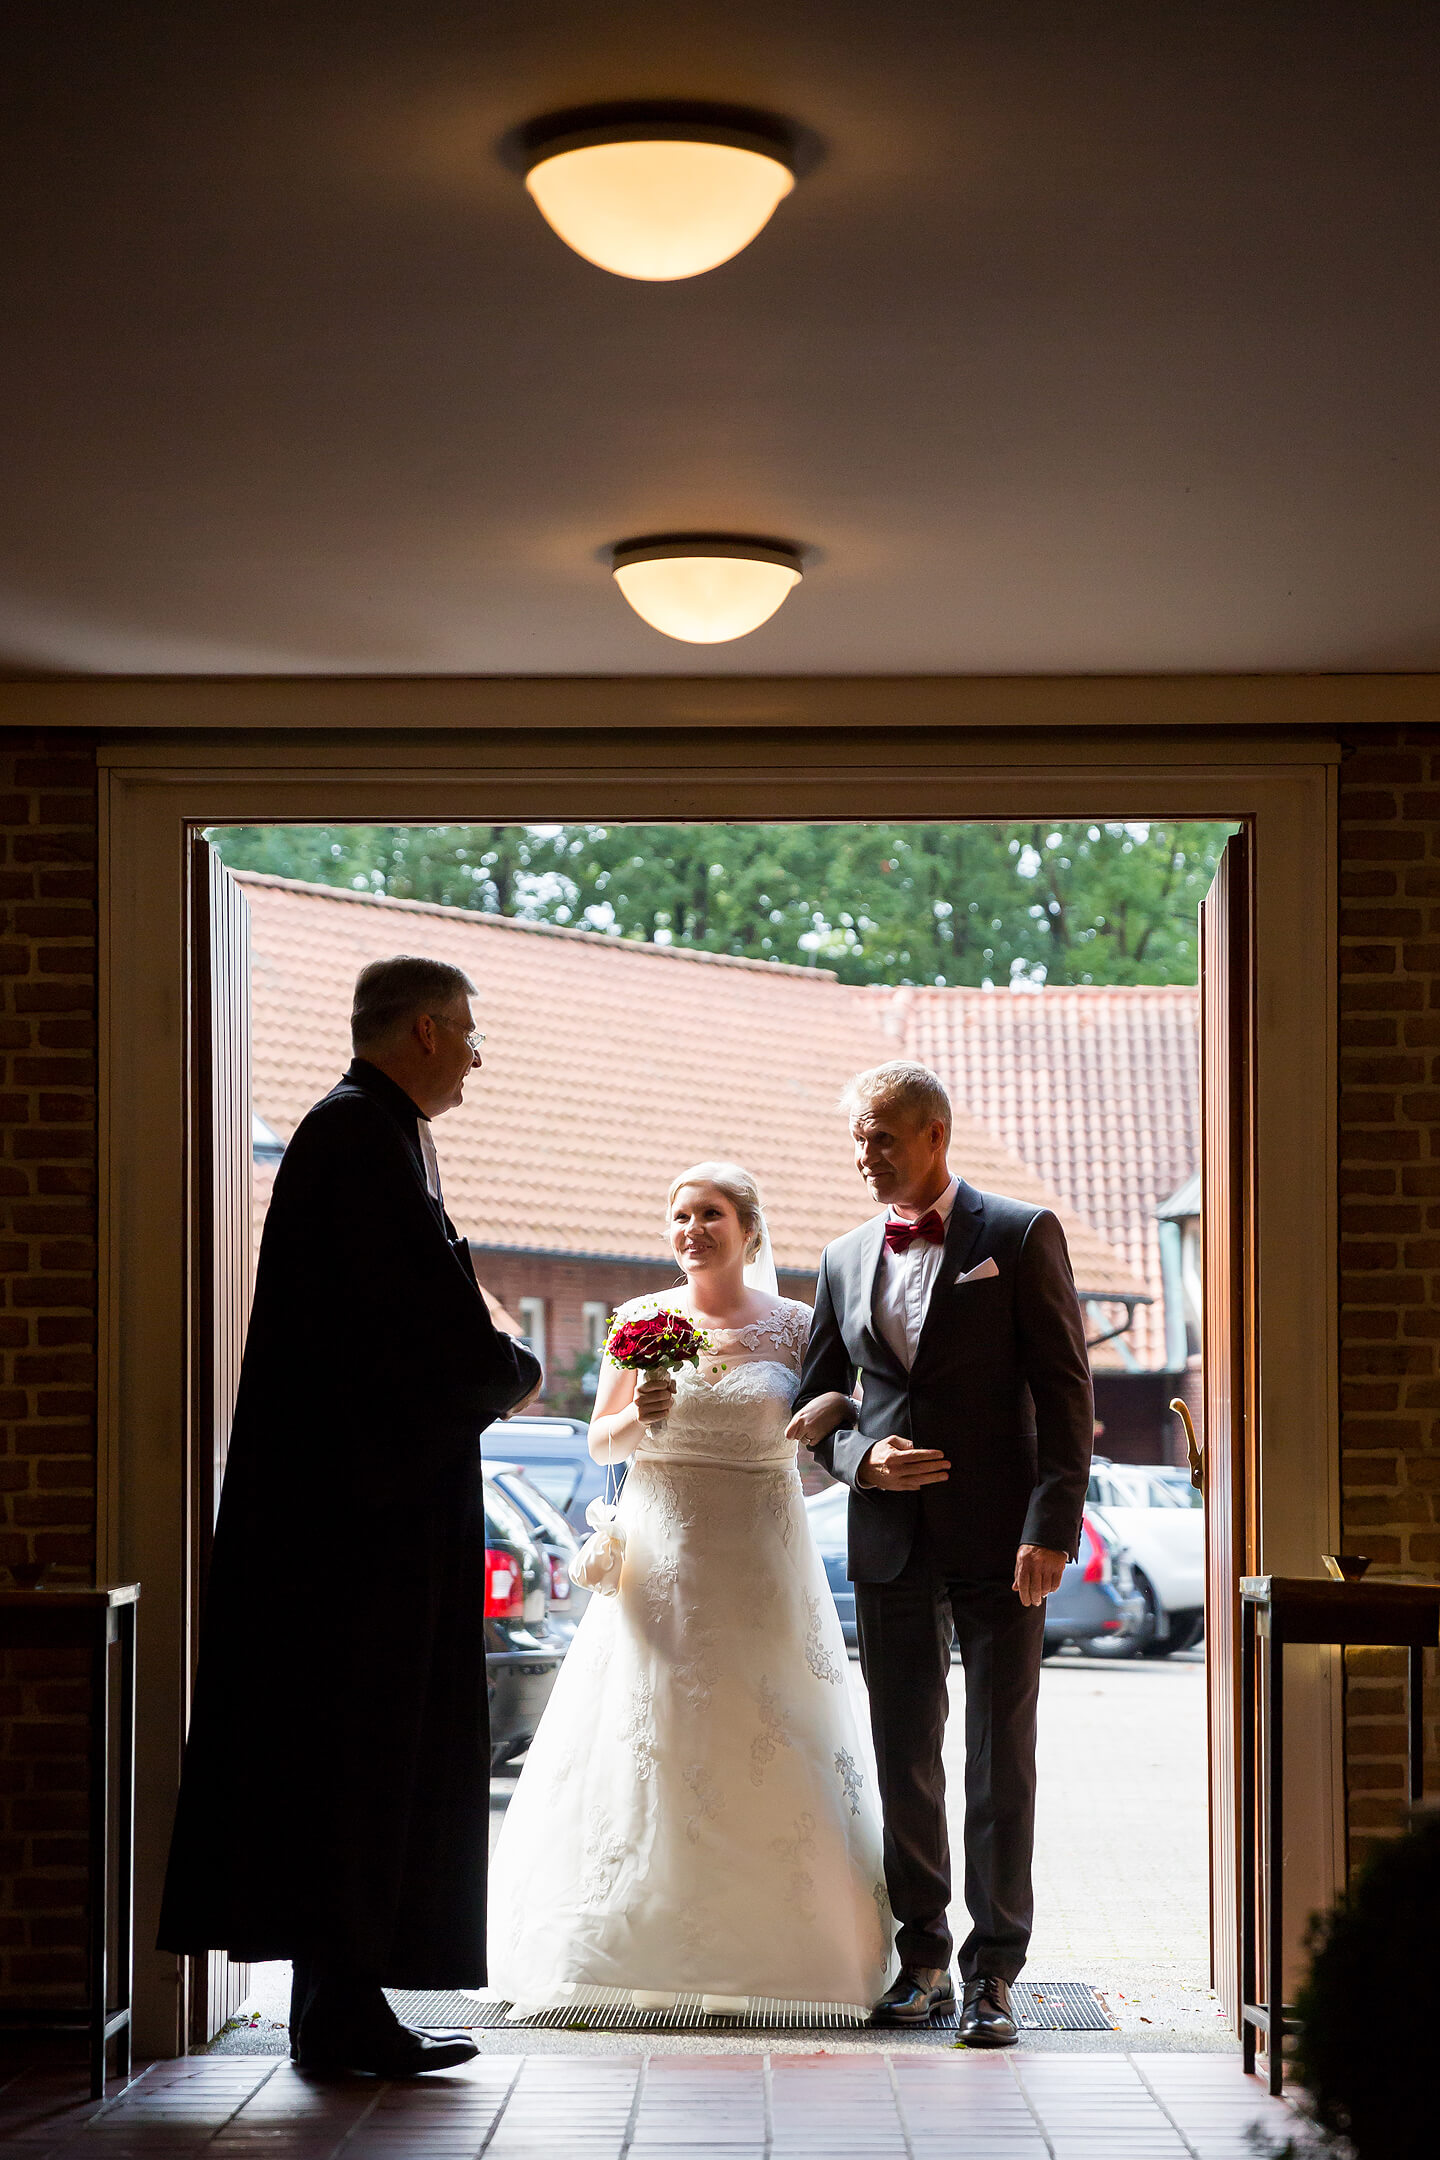 Eintreffen der Braut mit Brautvater an der Kirche